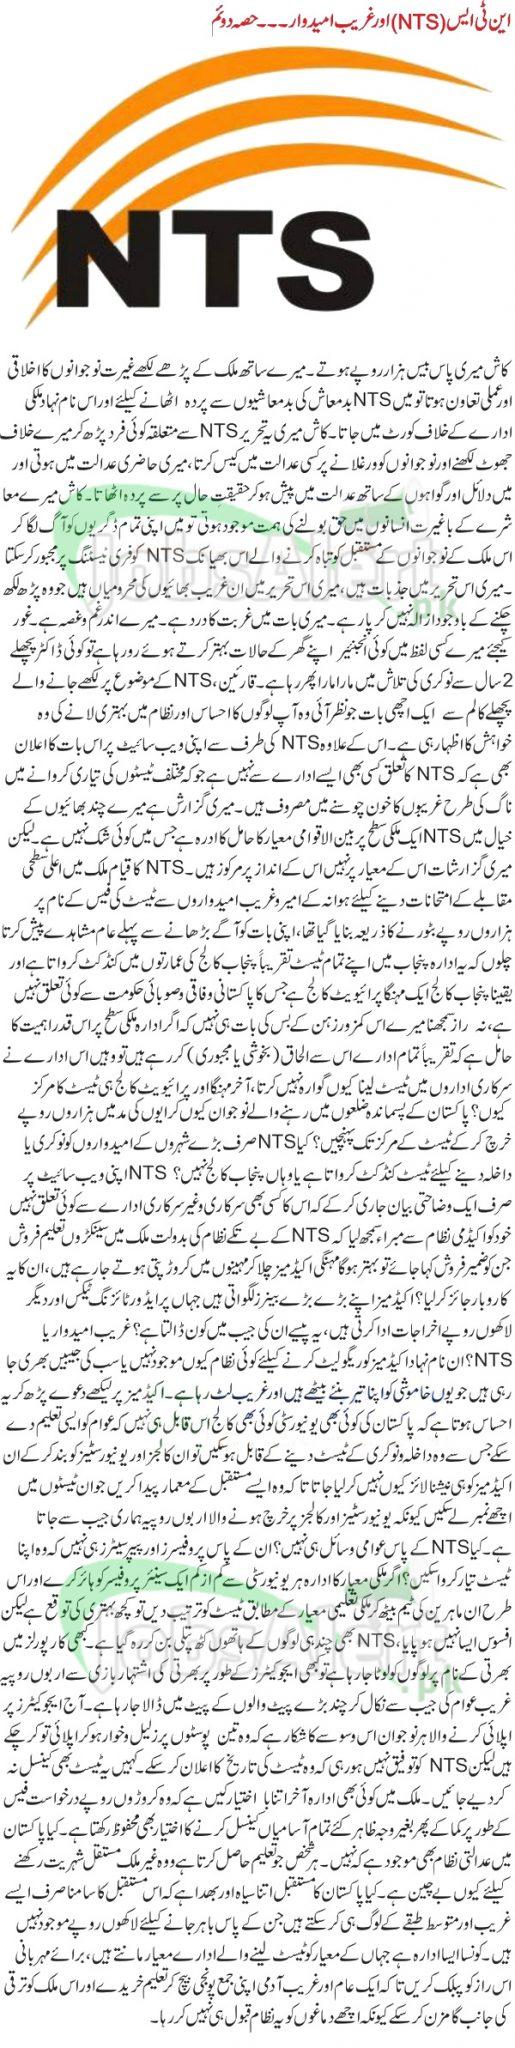 NTS aur Gareeb Umeedwar - Mujhy Nokari Nahi Chaye (Part 2)